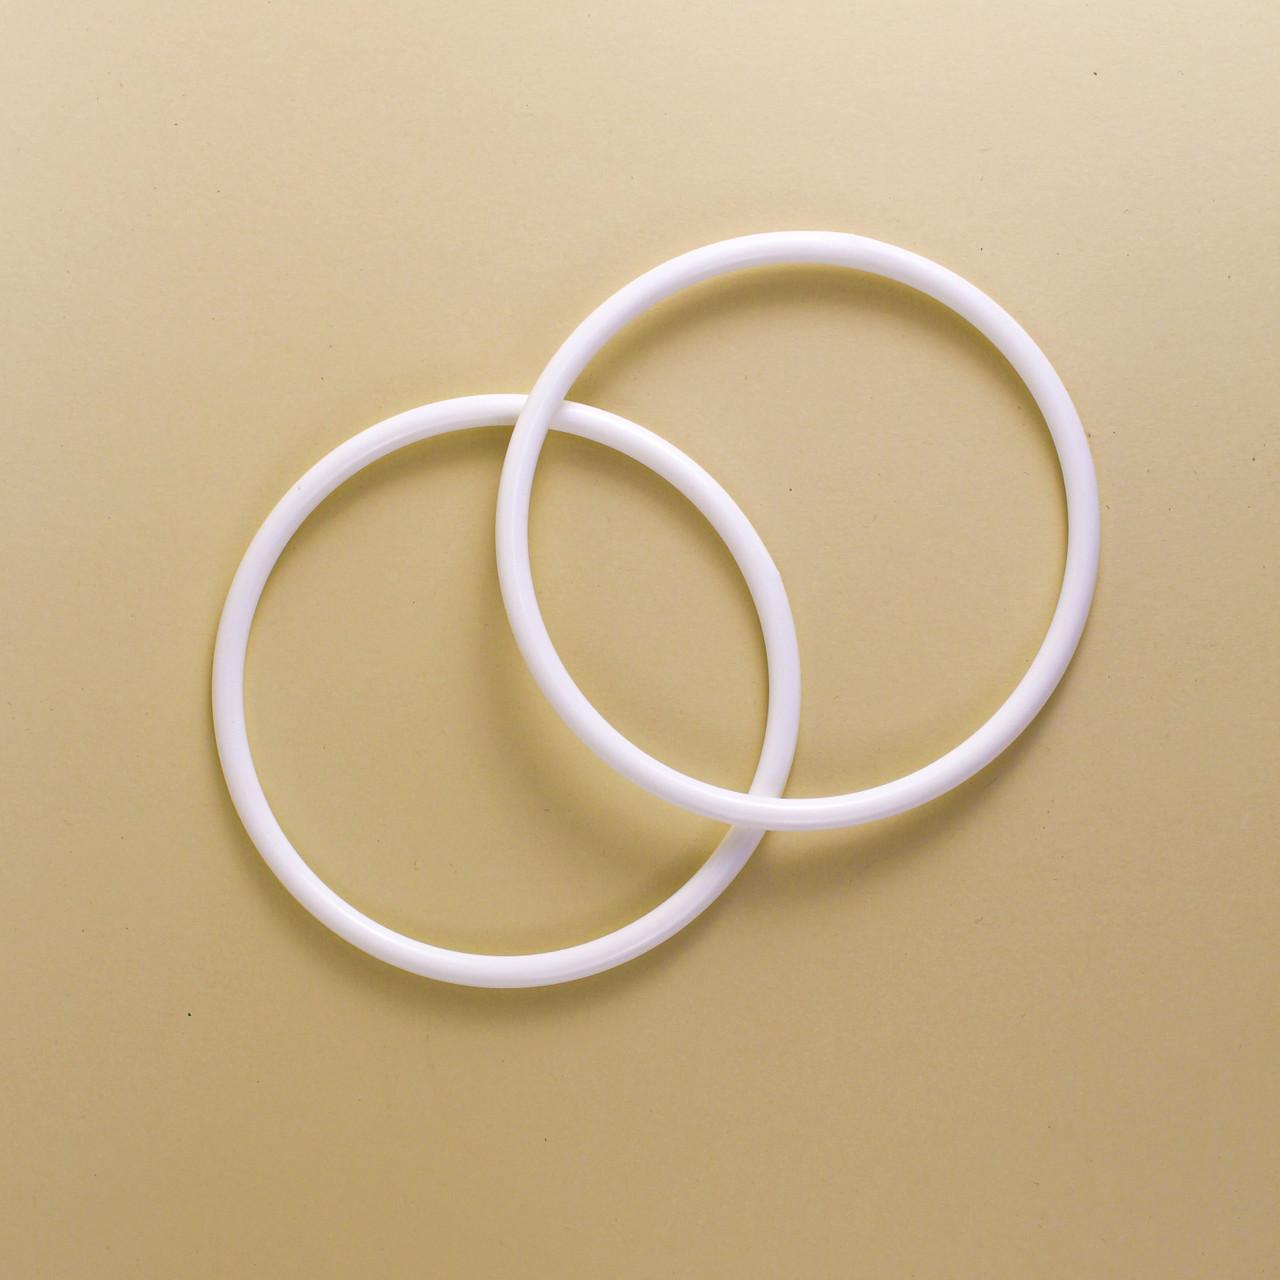 Комплект ручек для сумки пластиковых круглых Кольцо 15 см Белые